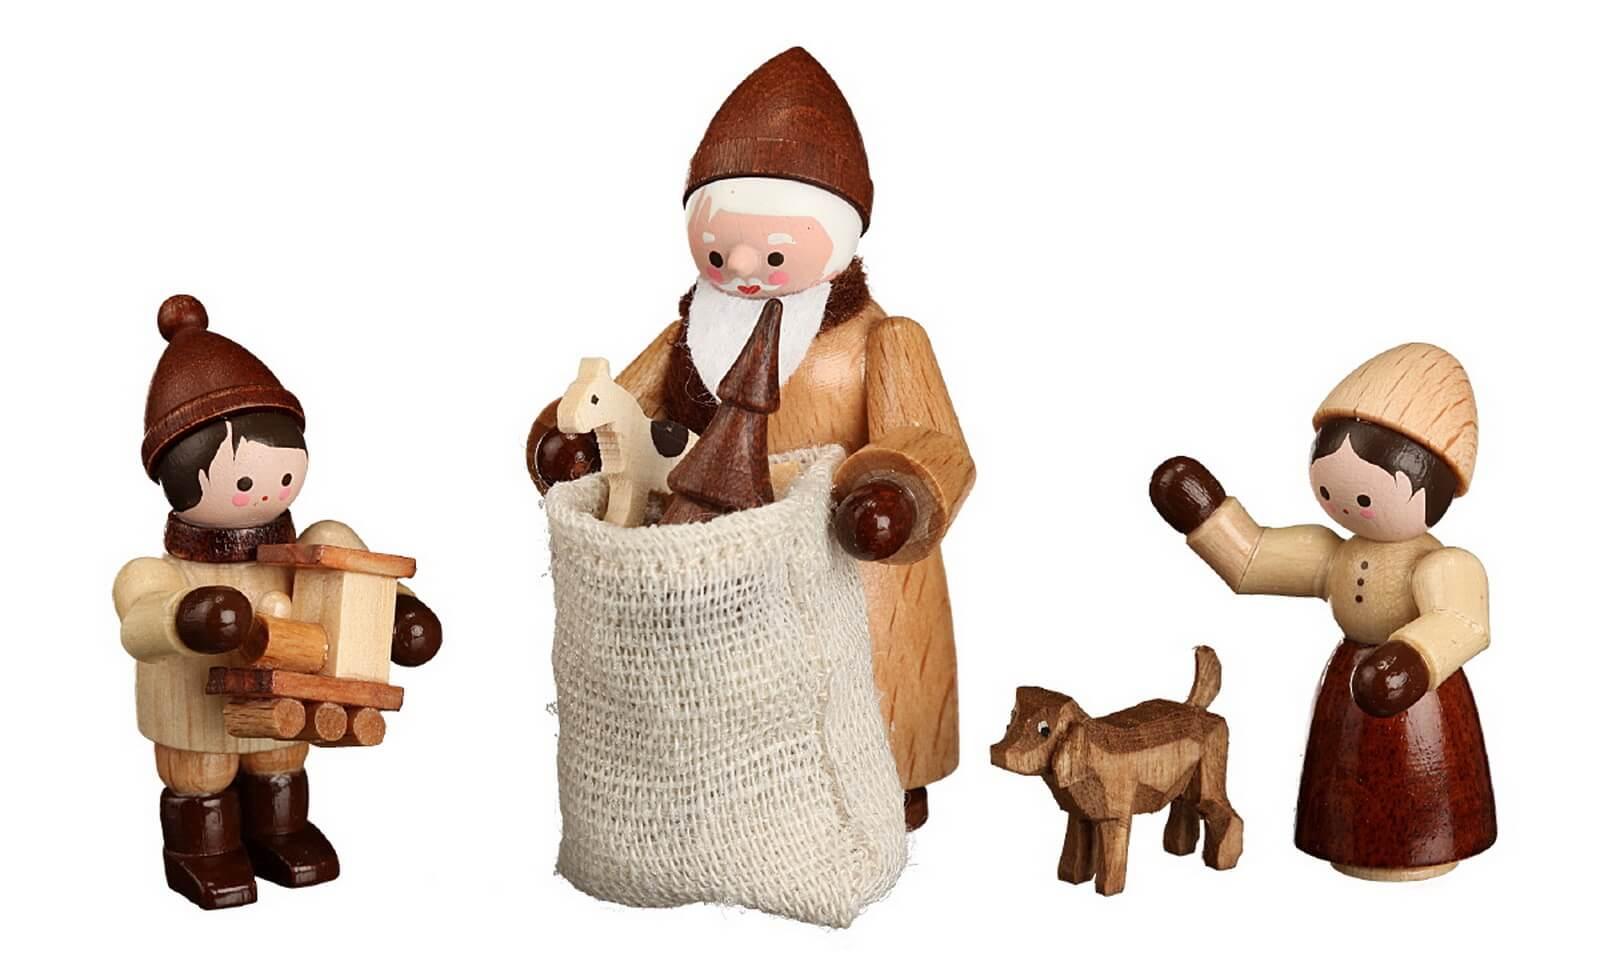 Die Bescherung in natur von Romy Thiel Deutschneudorf/ Erzgebirge, bestehend aus 4 Figuren in einem Satz, zaubert Weihnachten in Ihr Zuhause. Der …